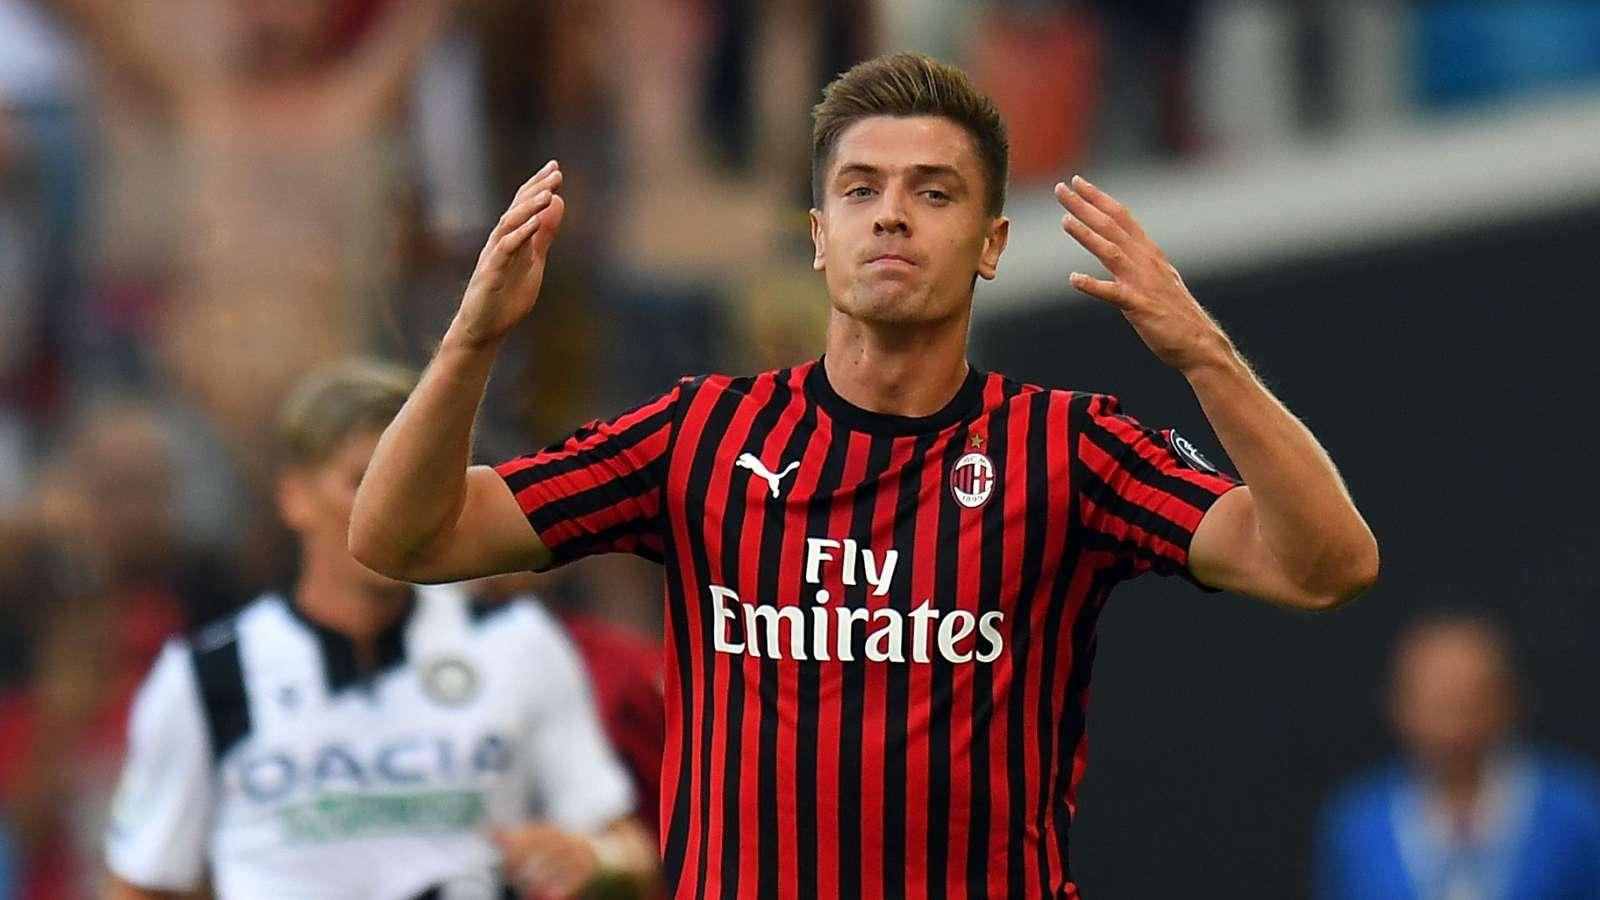 Laporan Pertandingan: Udinese vs Milan